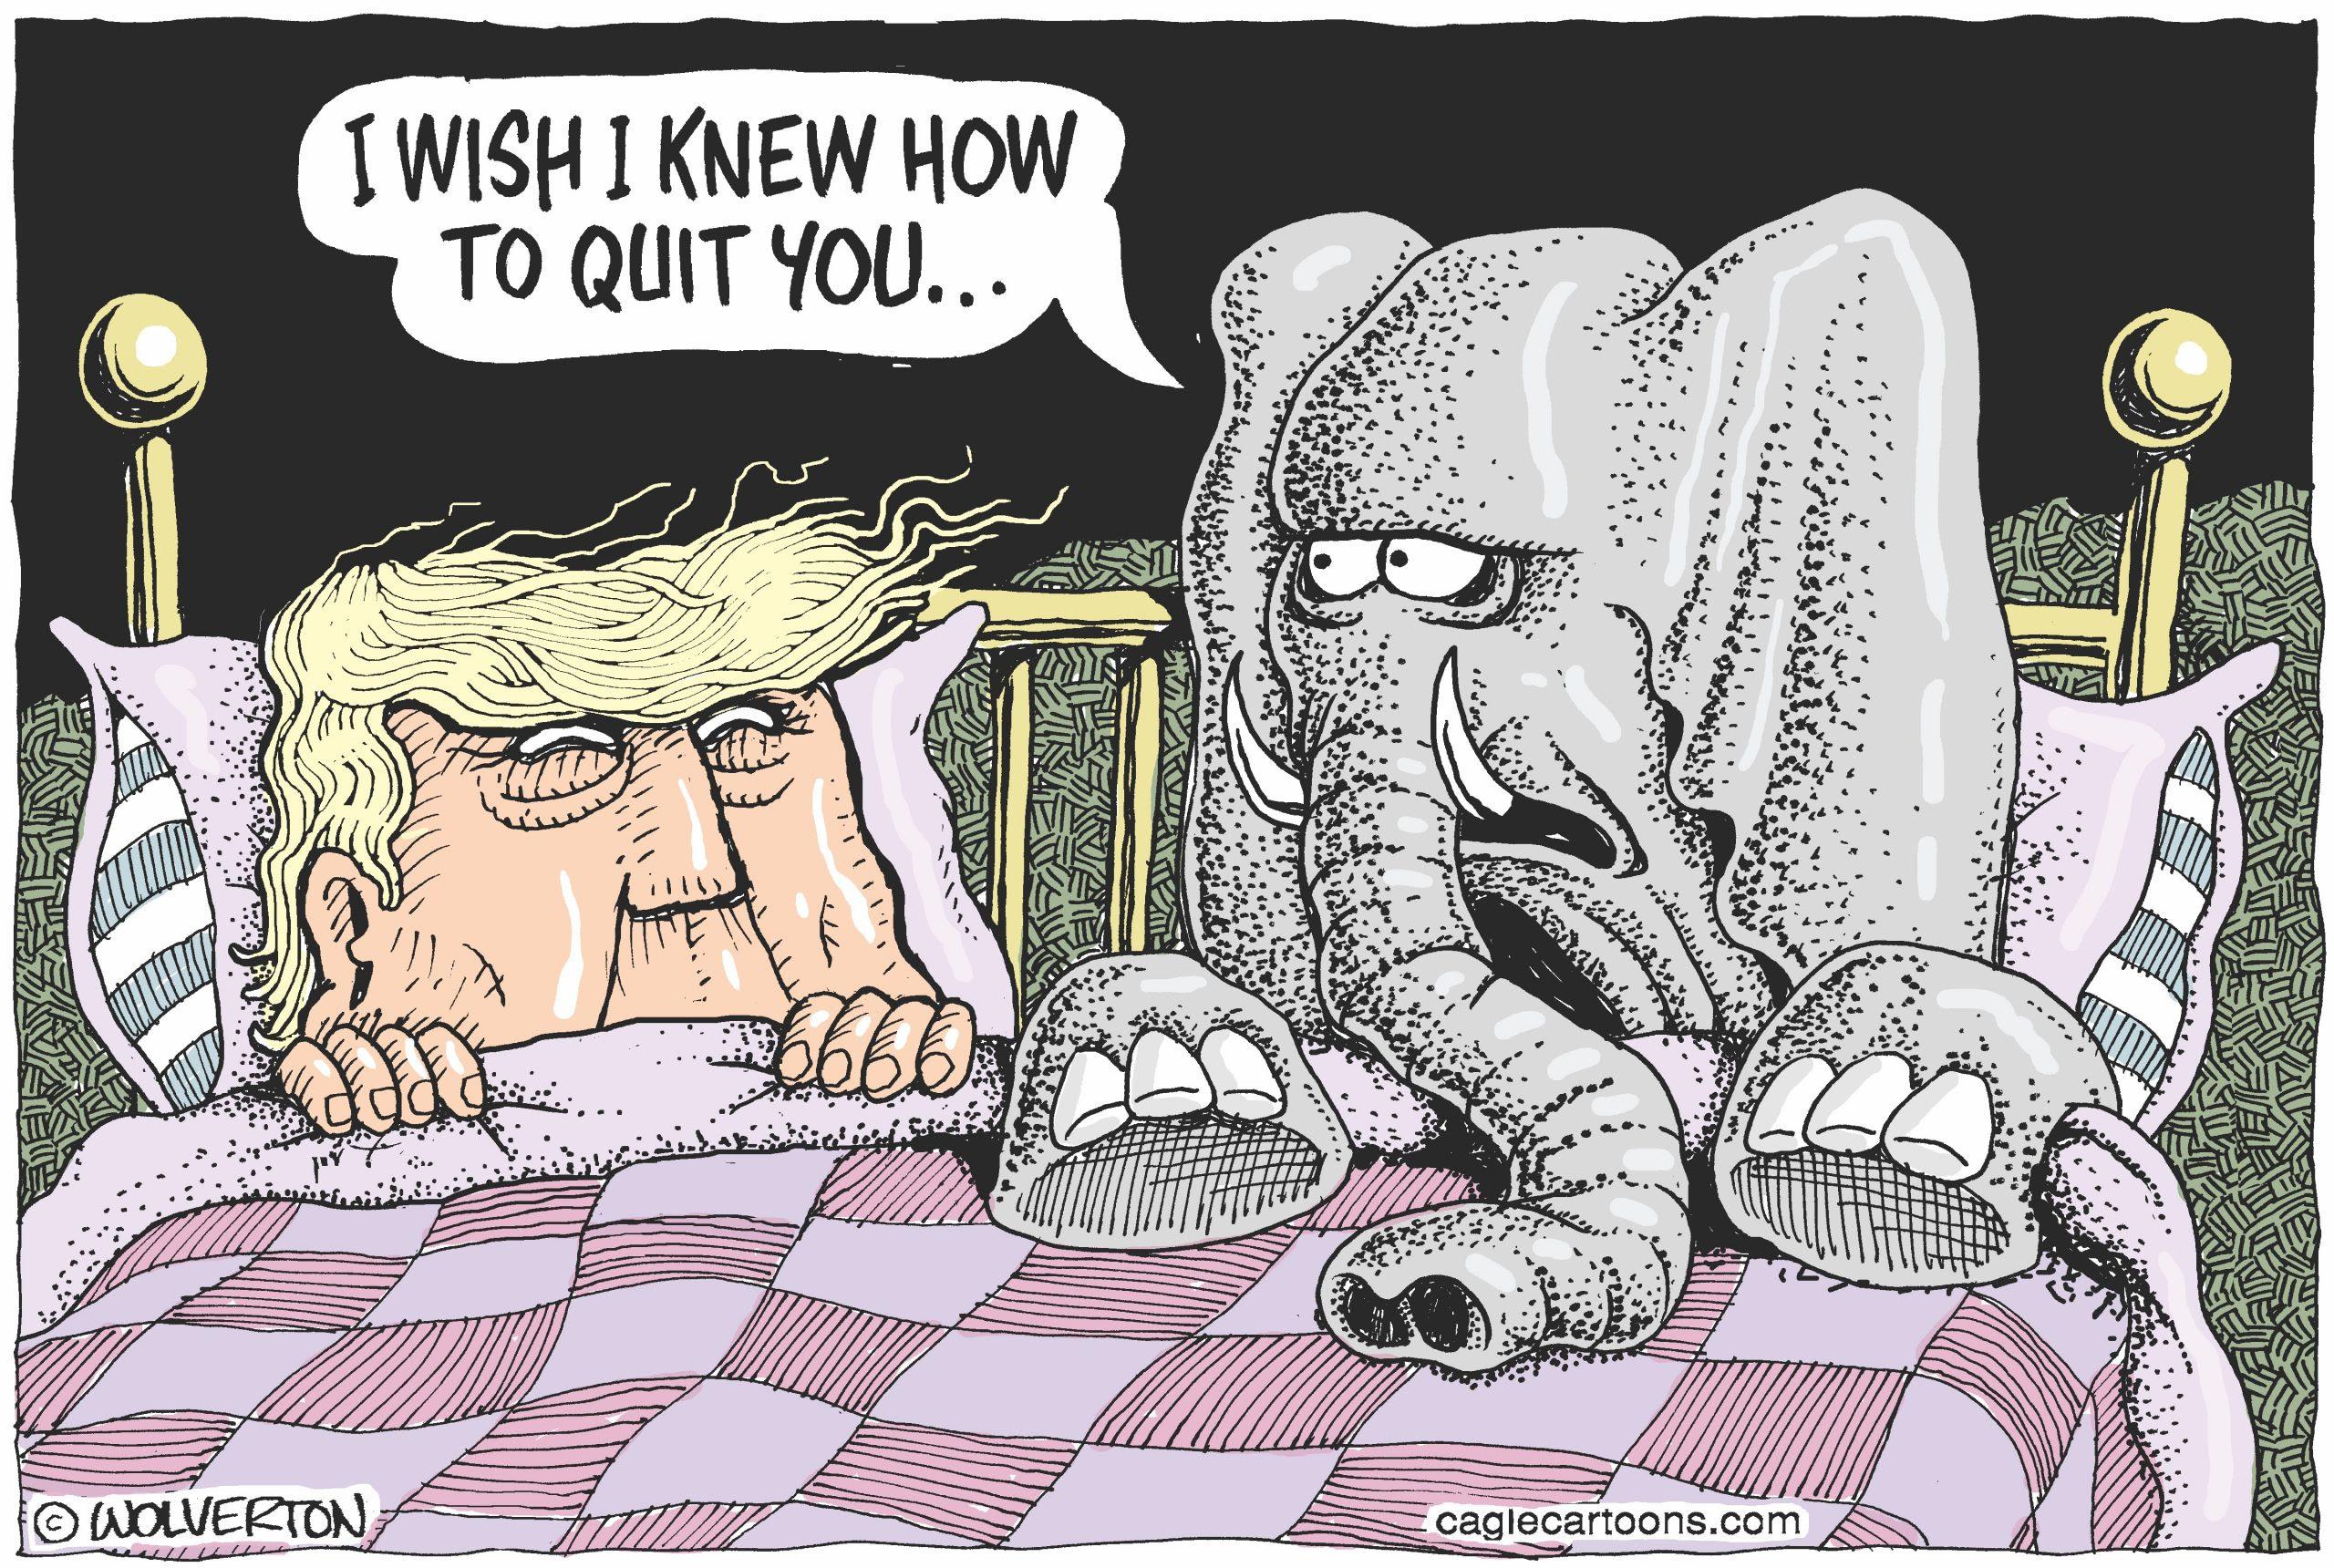 Quitting Trump. Monte Wolverton.